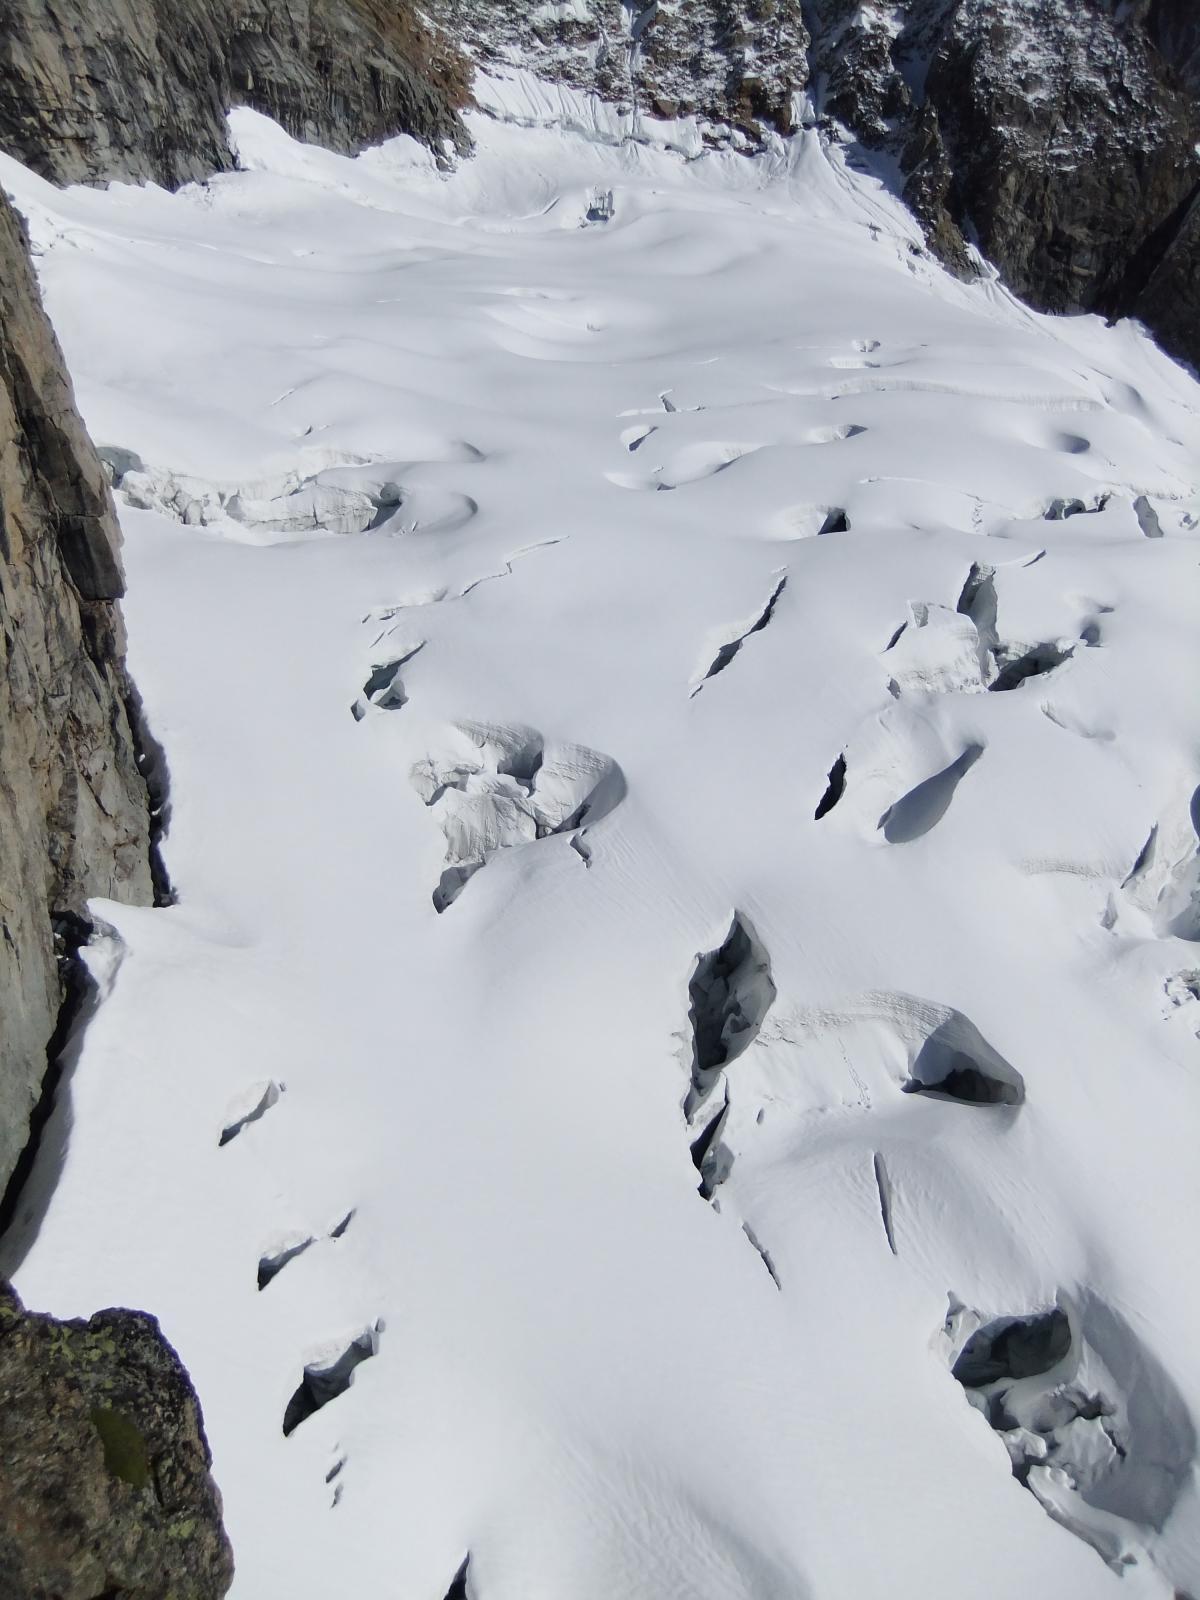 Il ghiacciaio di rientro visto dall'alto